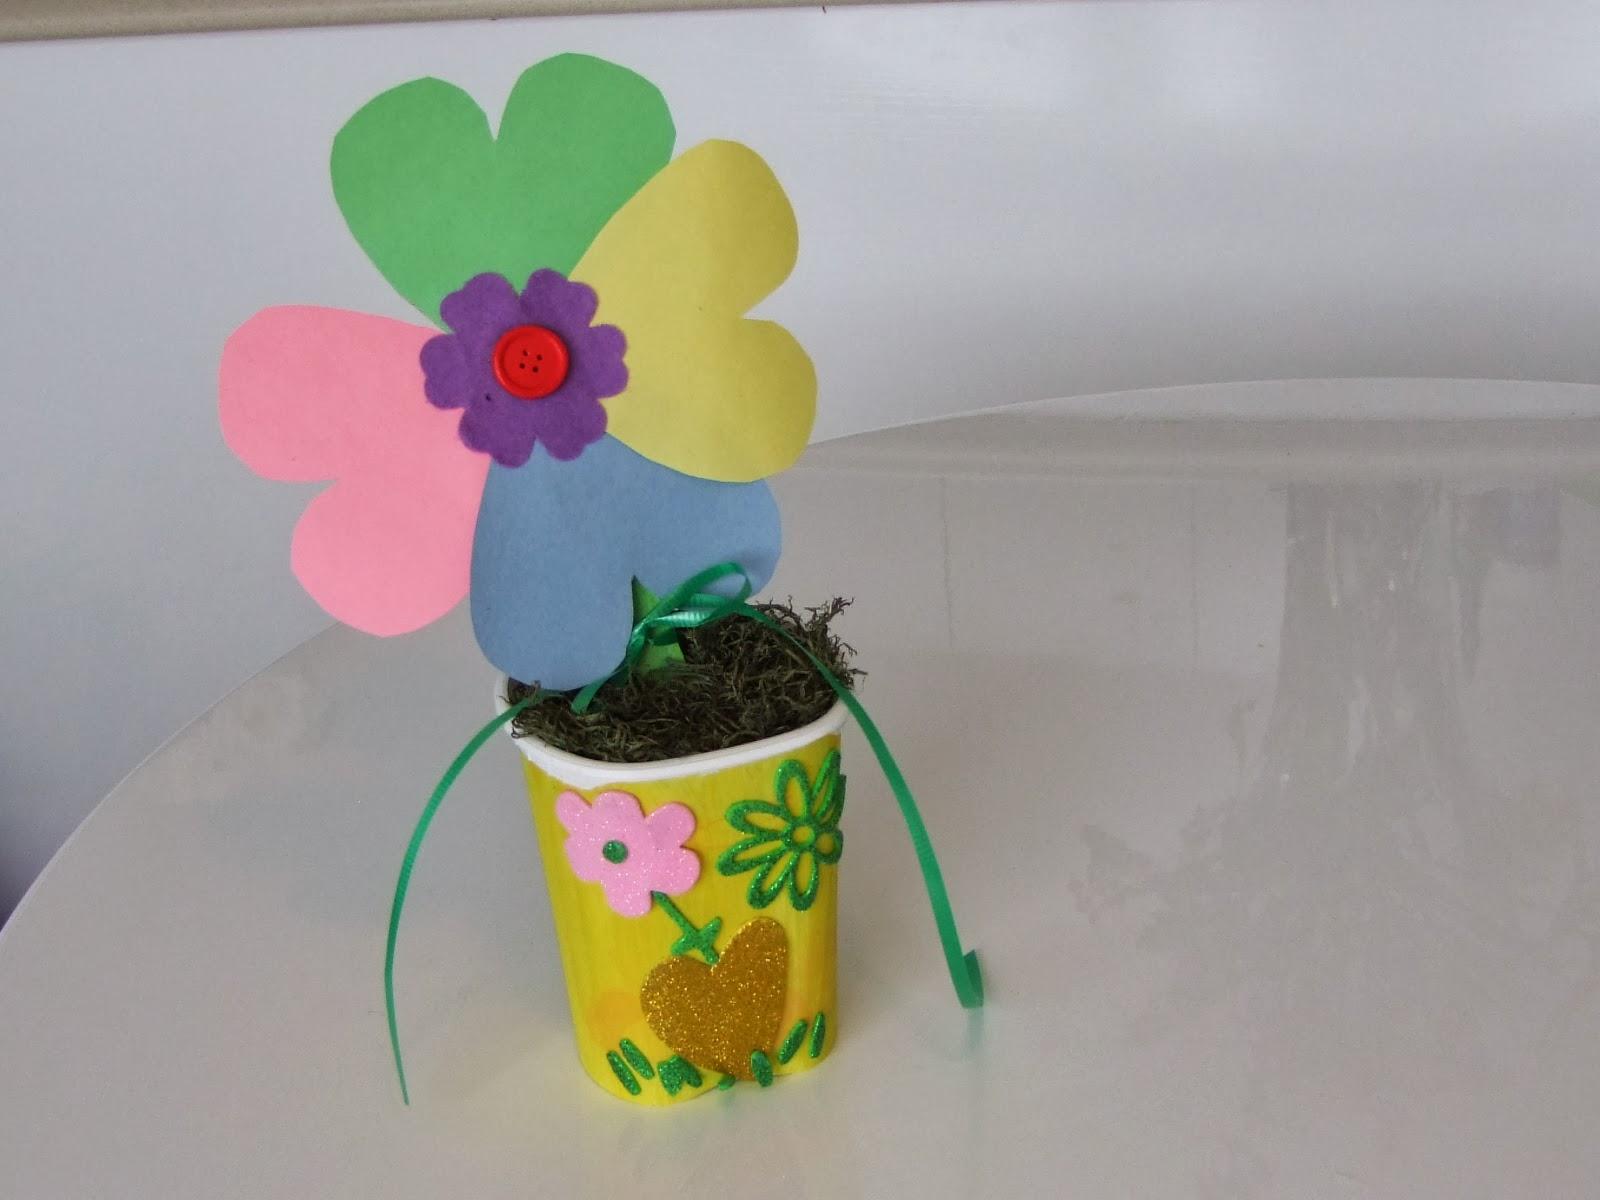 Teachers Day Flower Craft Ideas 2 Preschool And Homeschool